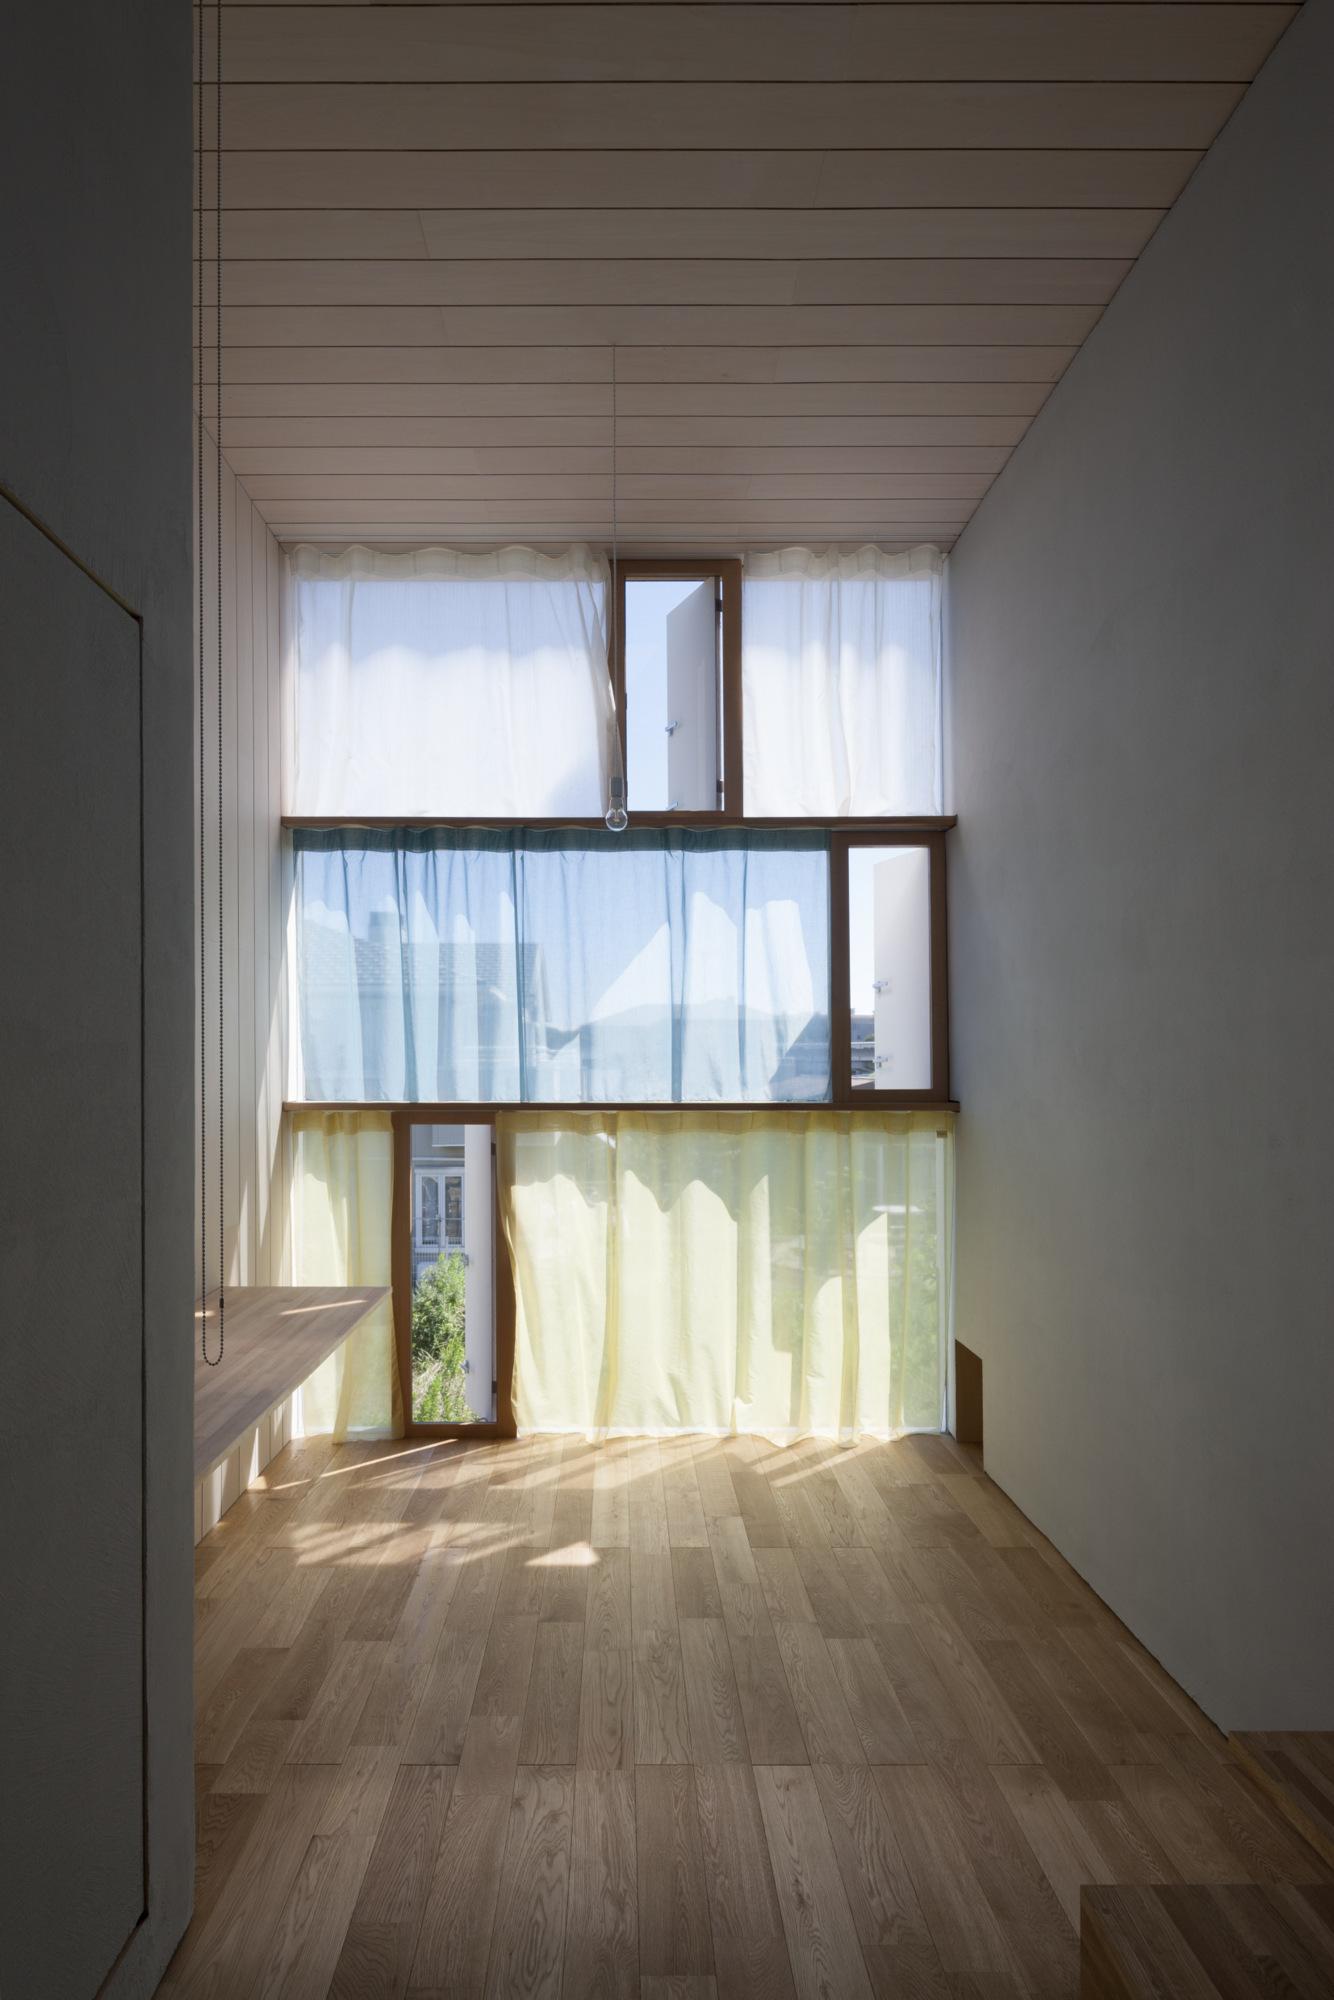 House Passage of Landscape / Ihrmk (7)